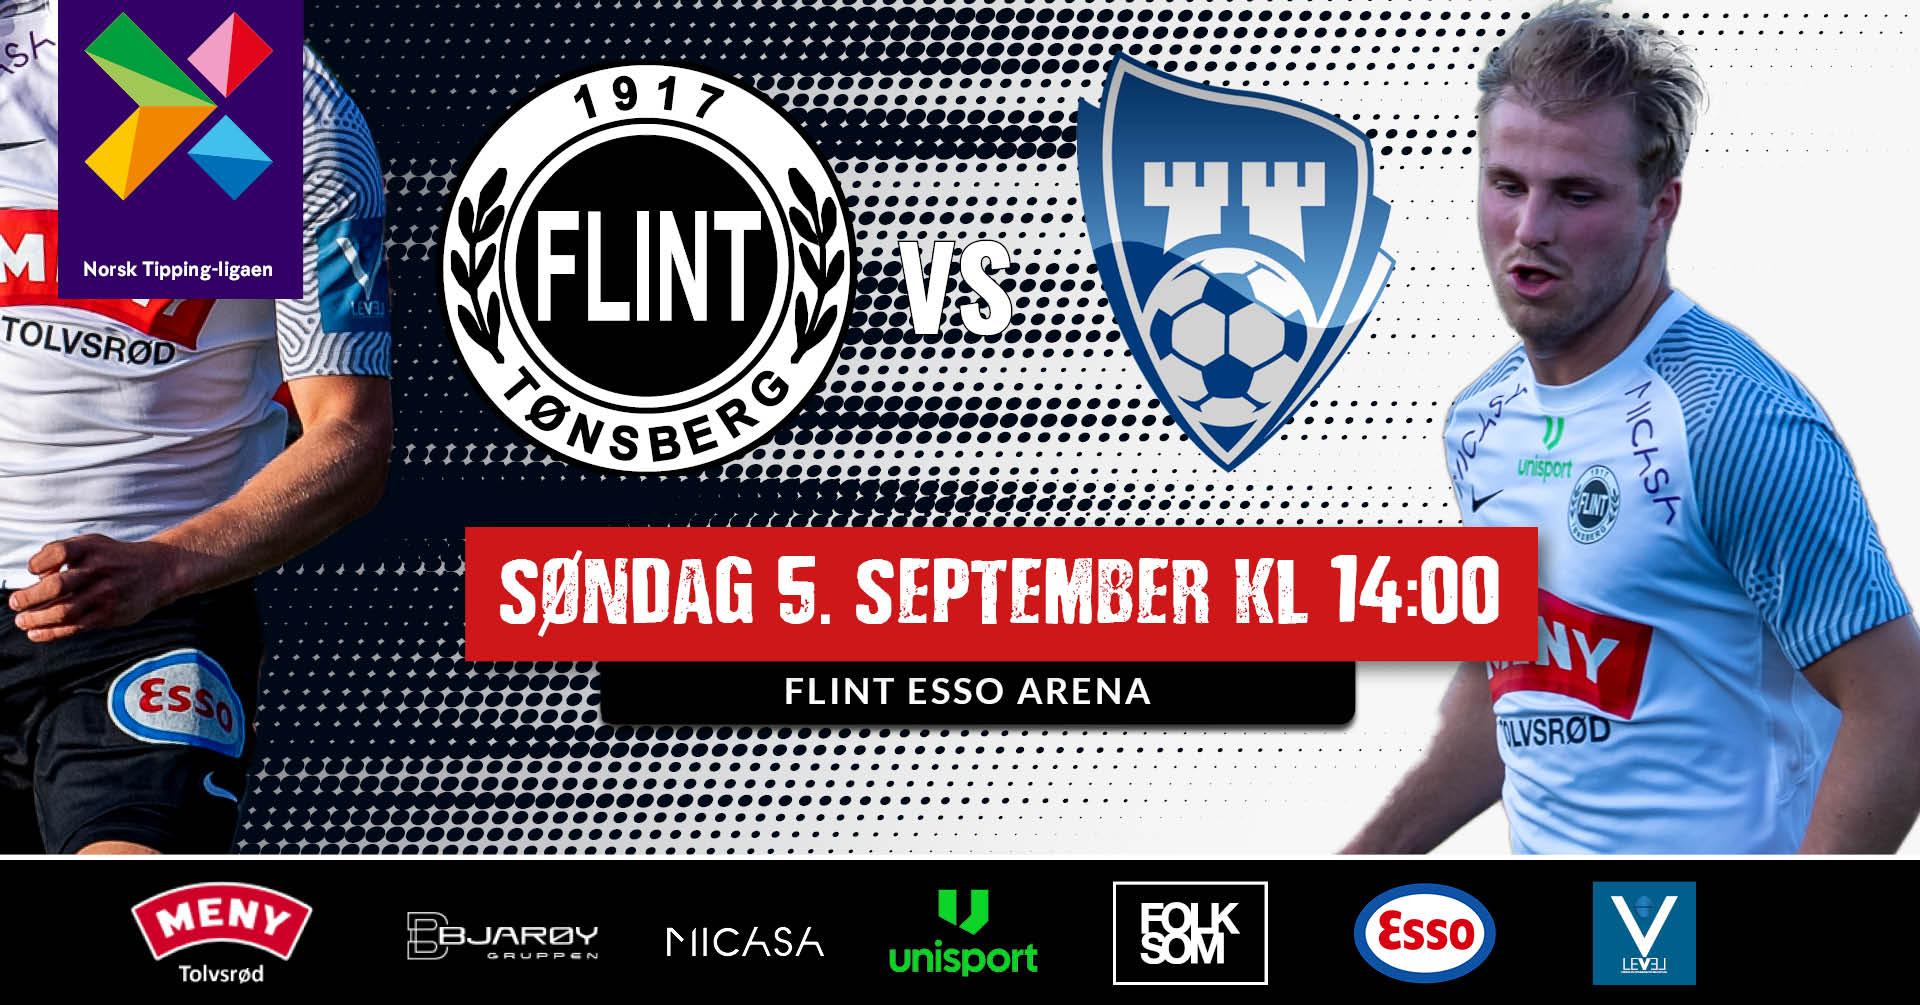 https://www.flintfotball.no/wp-content/uploads/2021/09/2021-09-05-Flint-Sarpsborg-08-2-Event-banner-FB.jpg